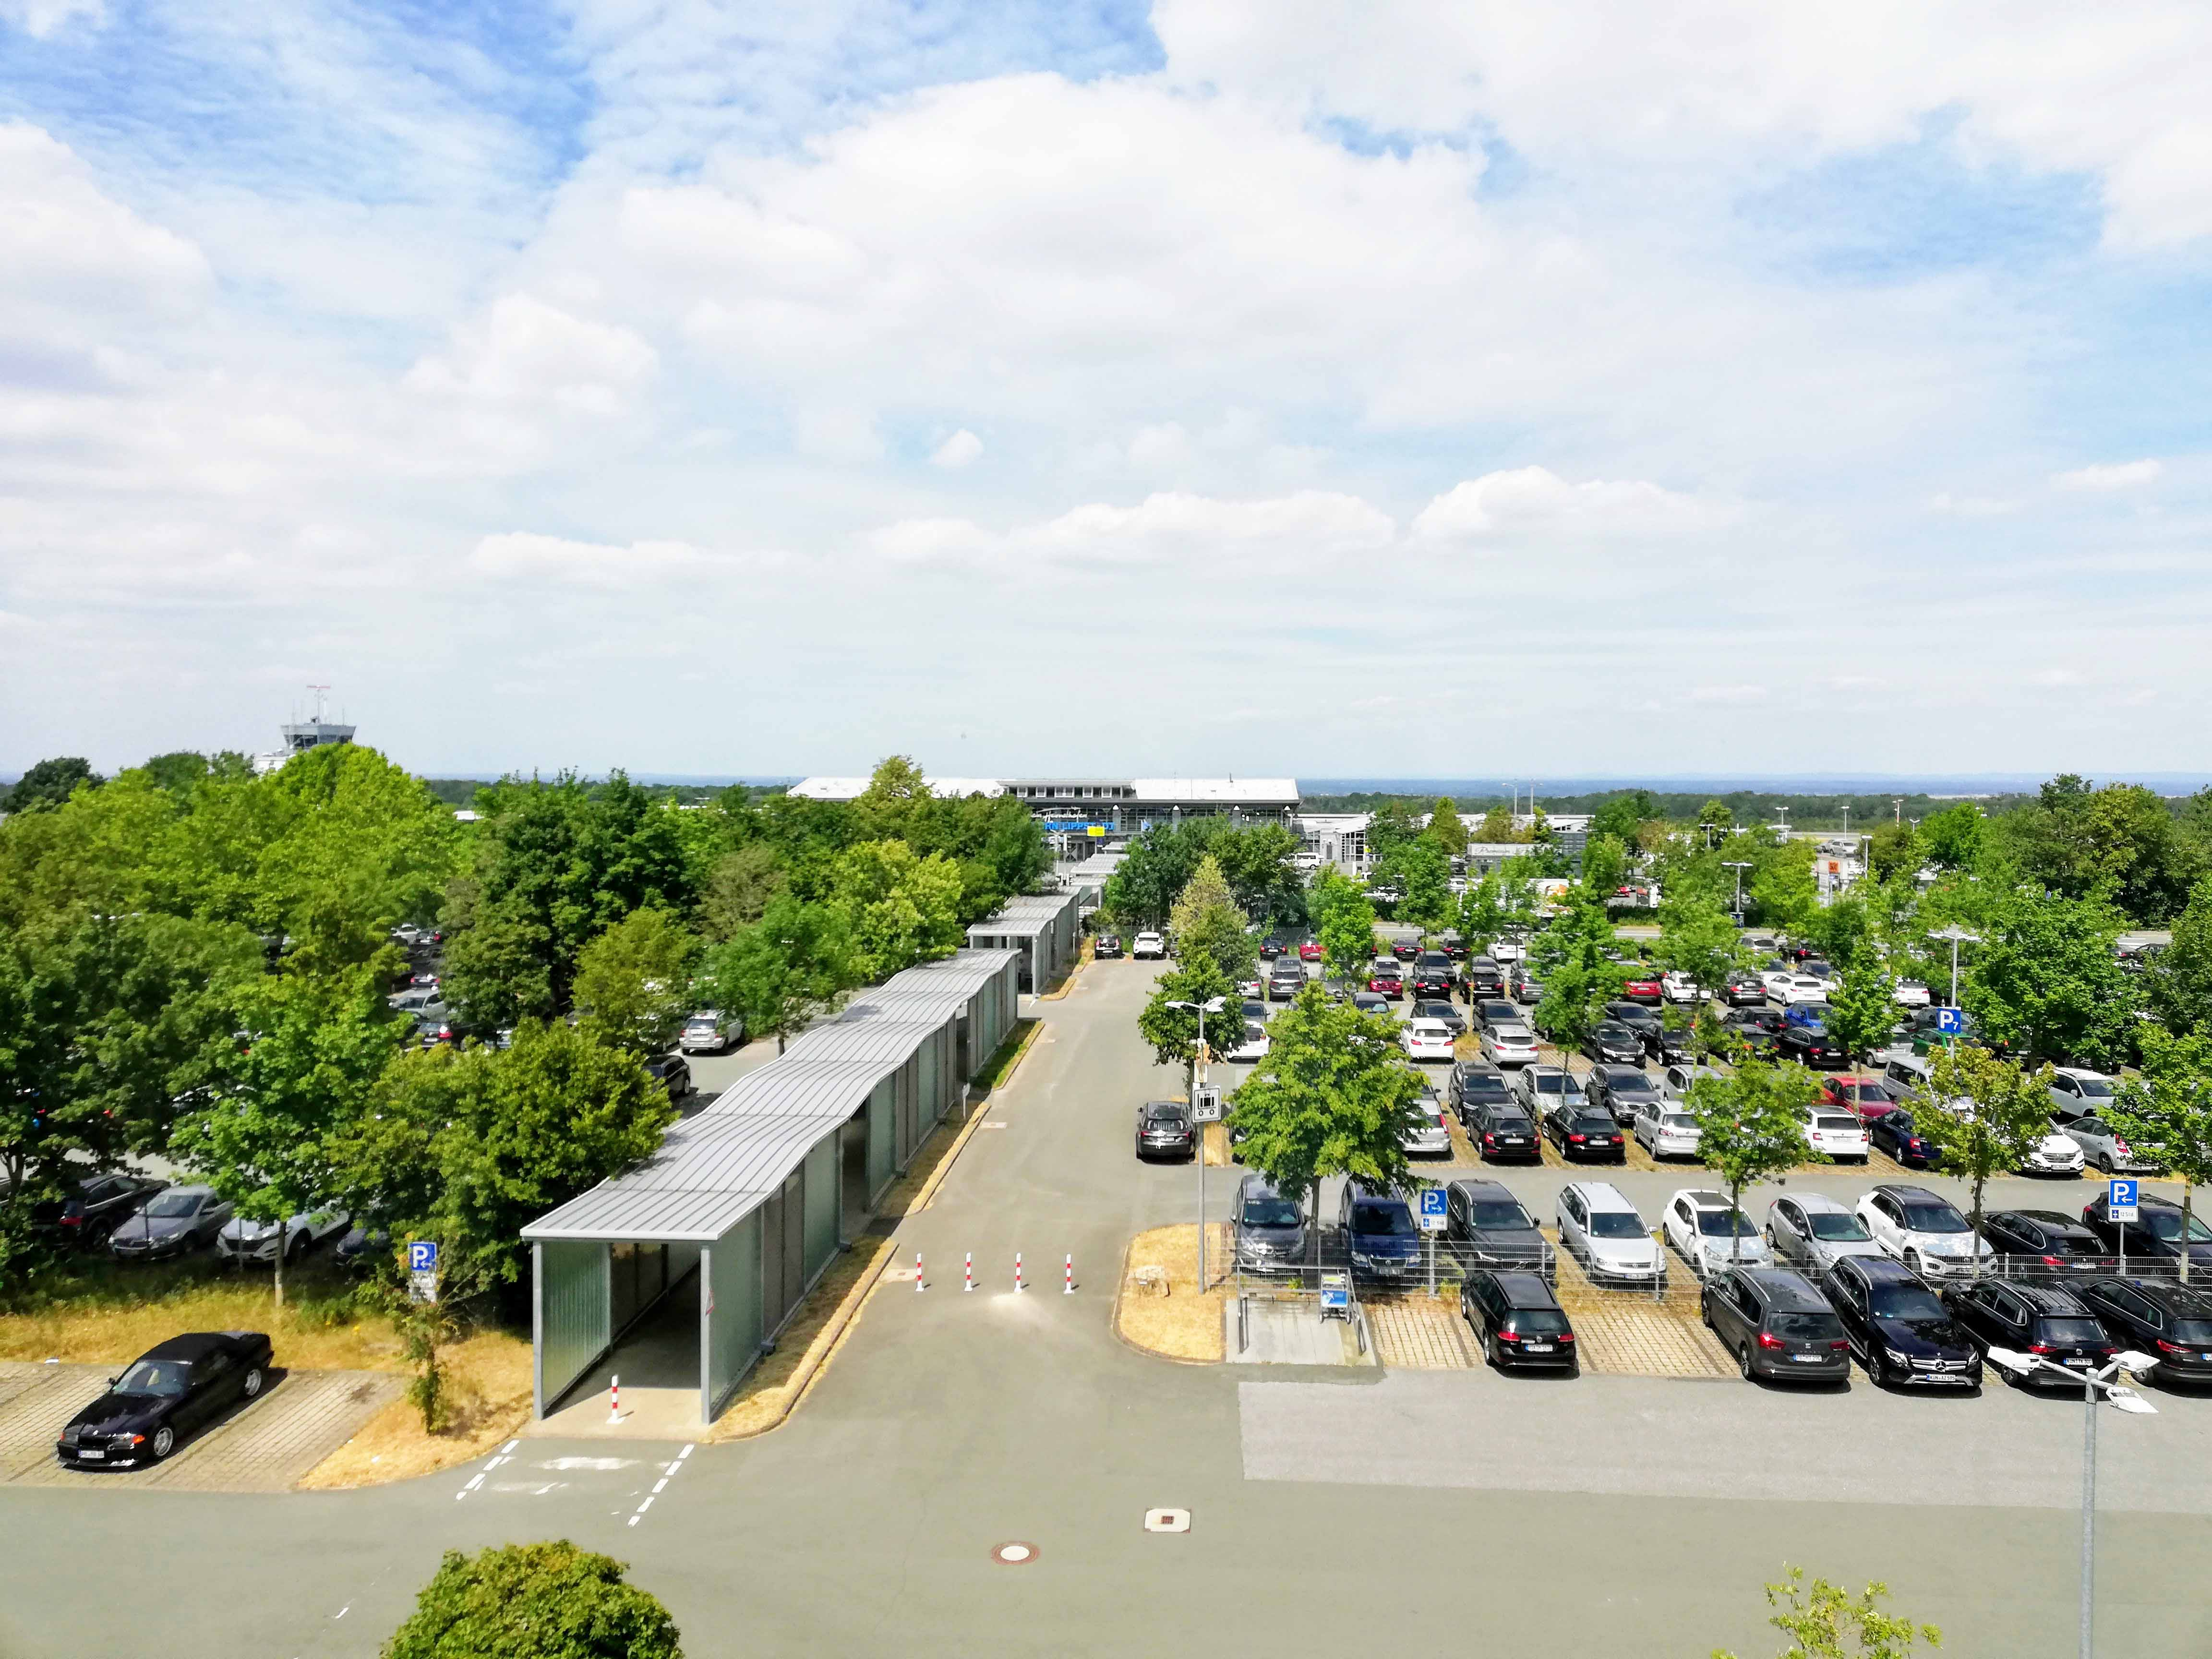 Parken Flughafen Paderborn Forum